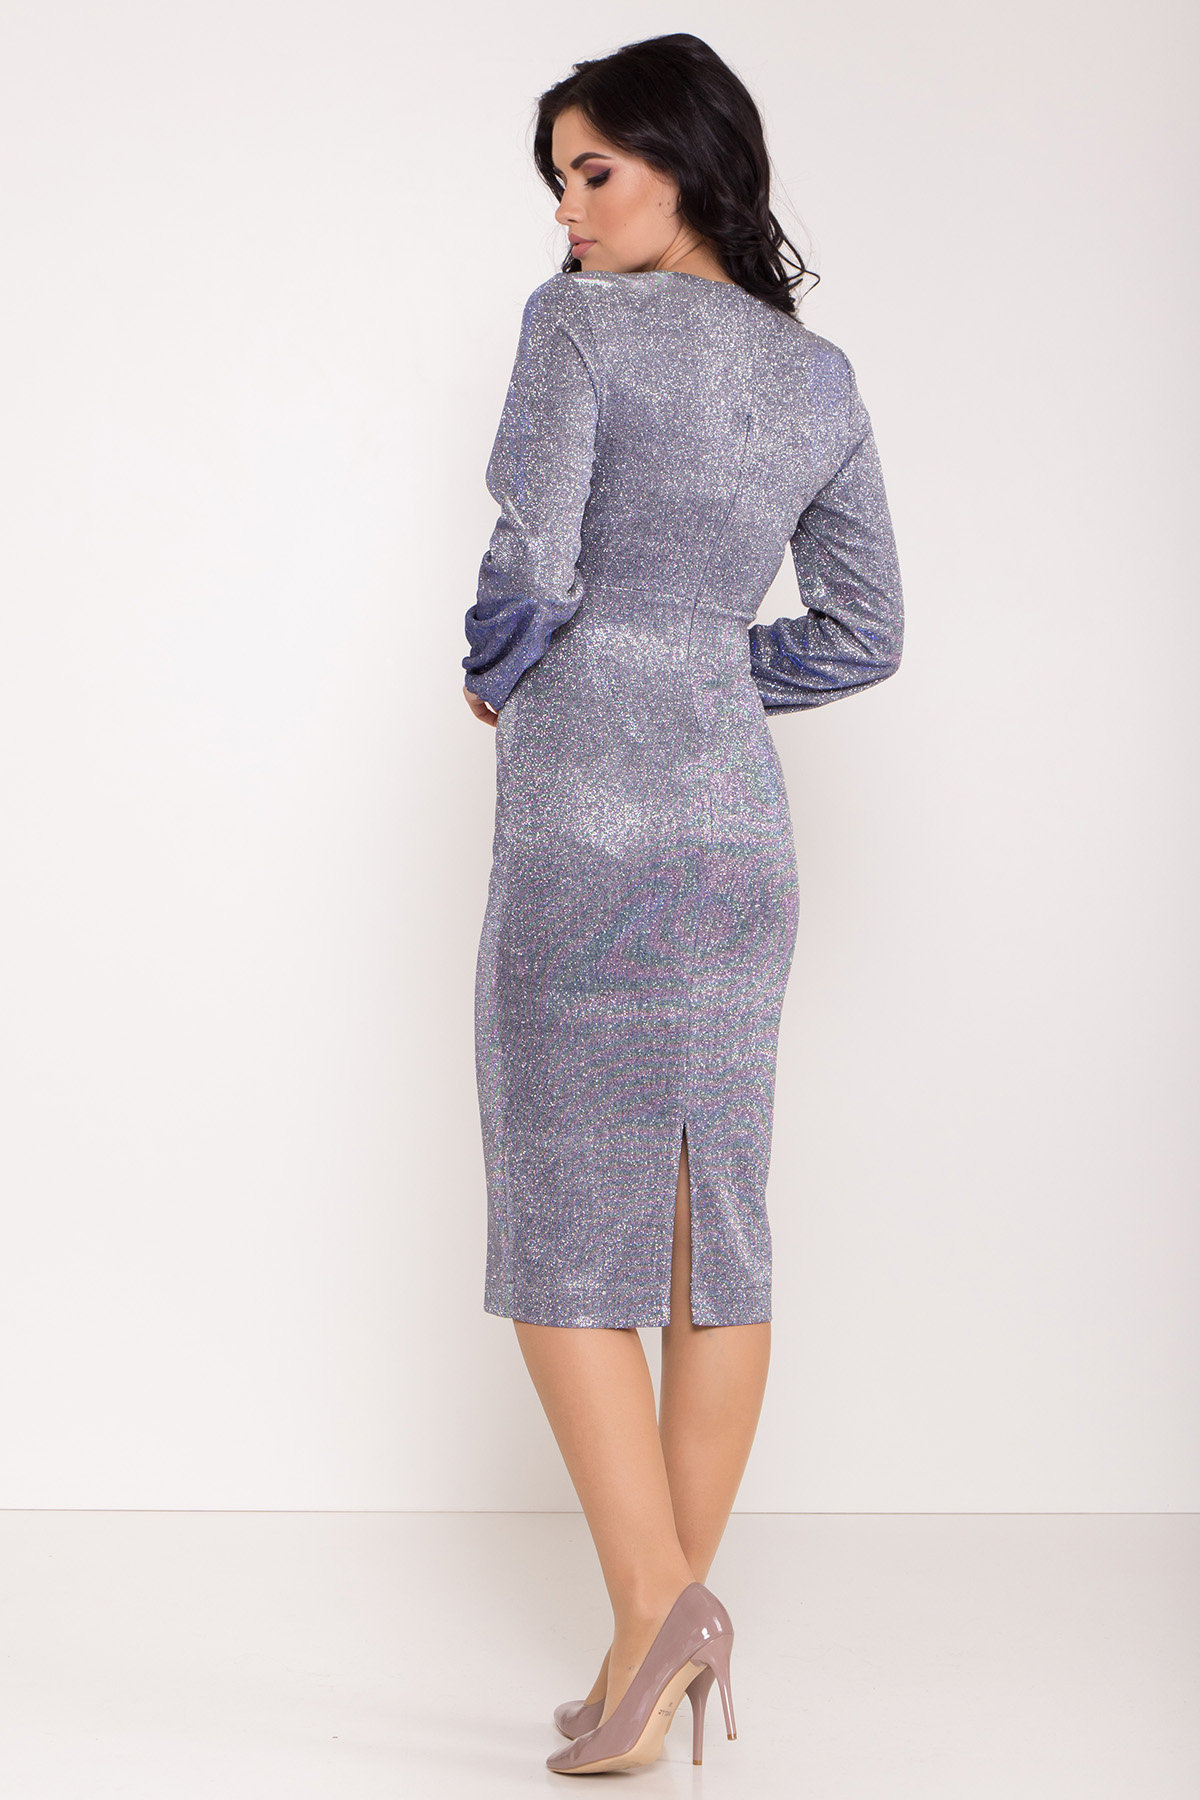 Нарядное платье с люрексом Фаселис 8527 АРТ. 44848 Цвет: Серебро/электрик - фото 3, интернет магазин tm-modus.ru